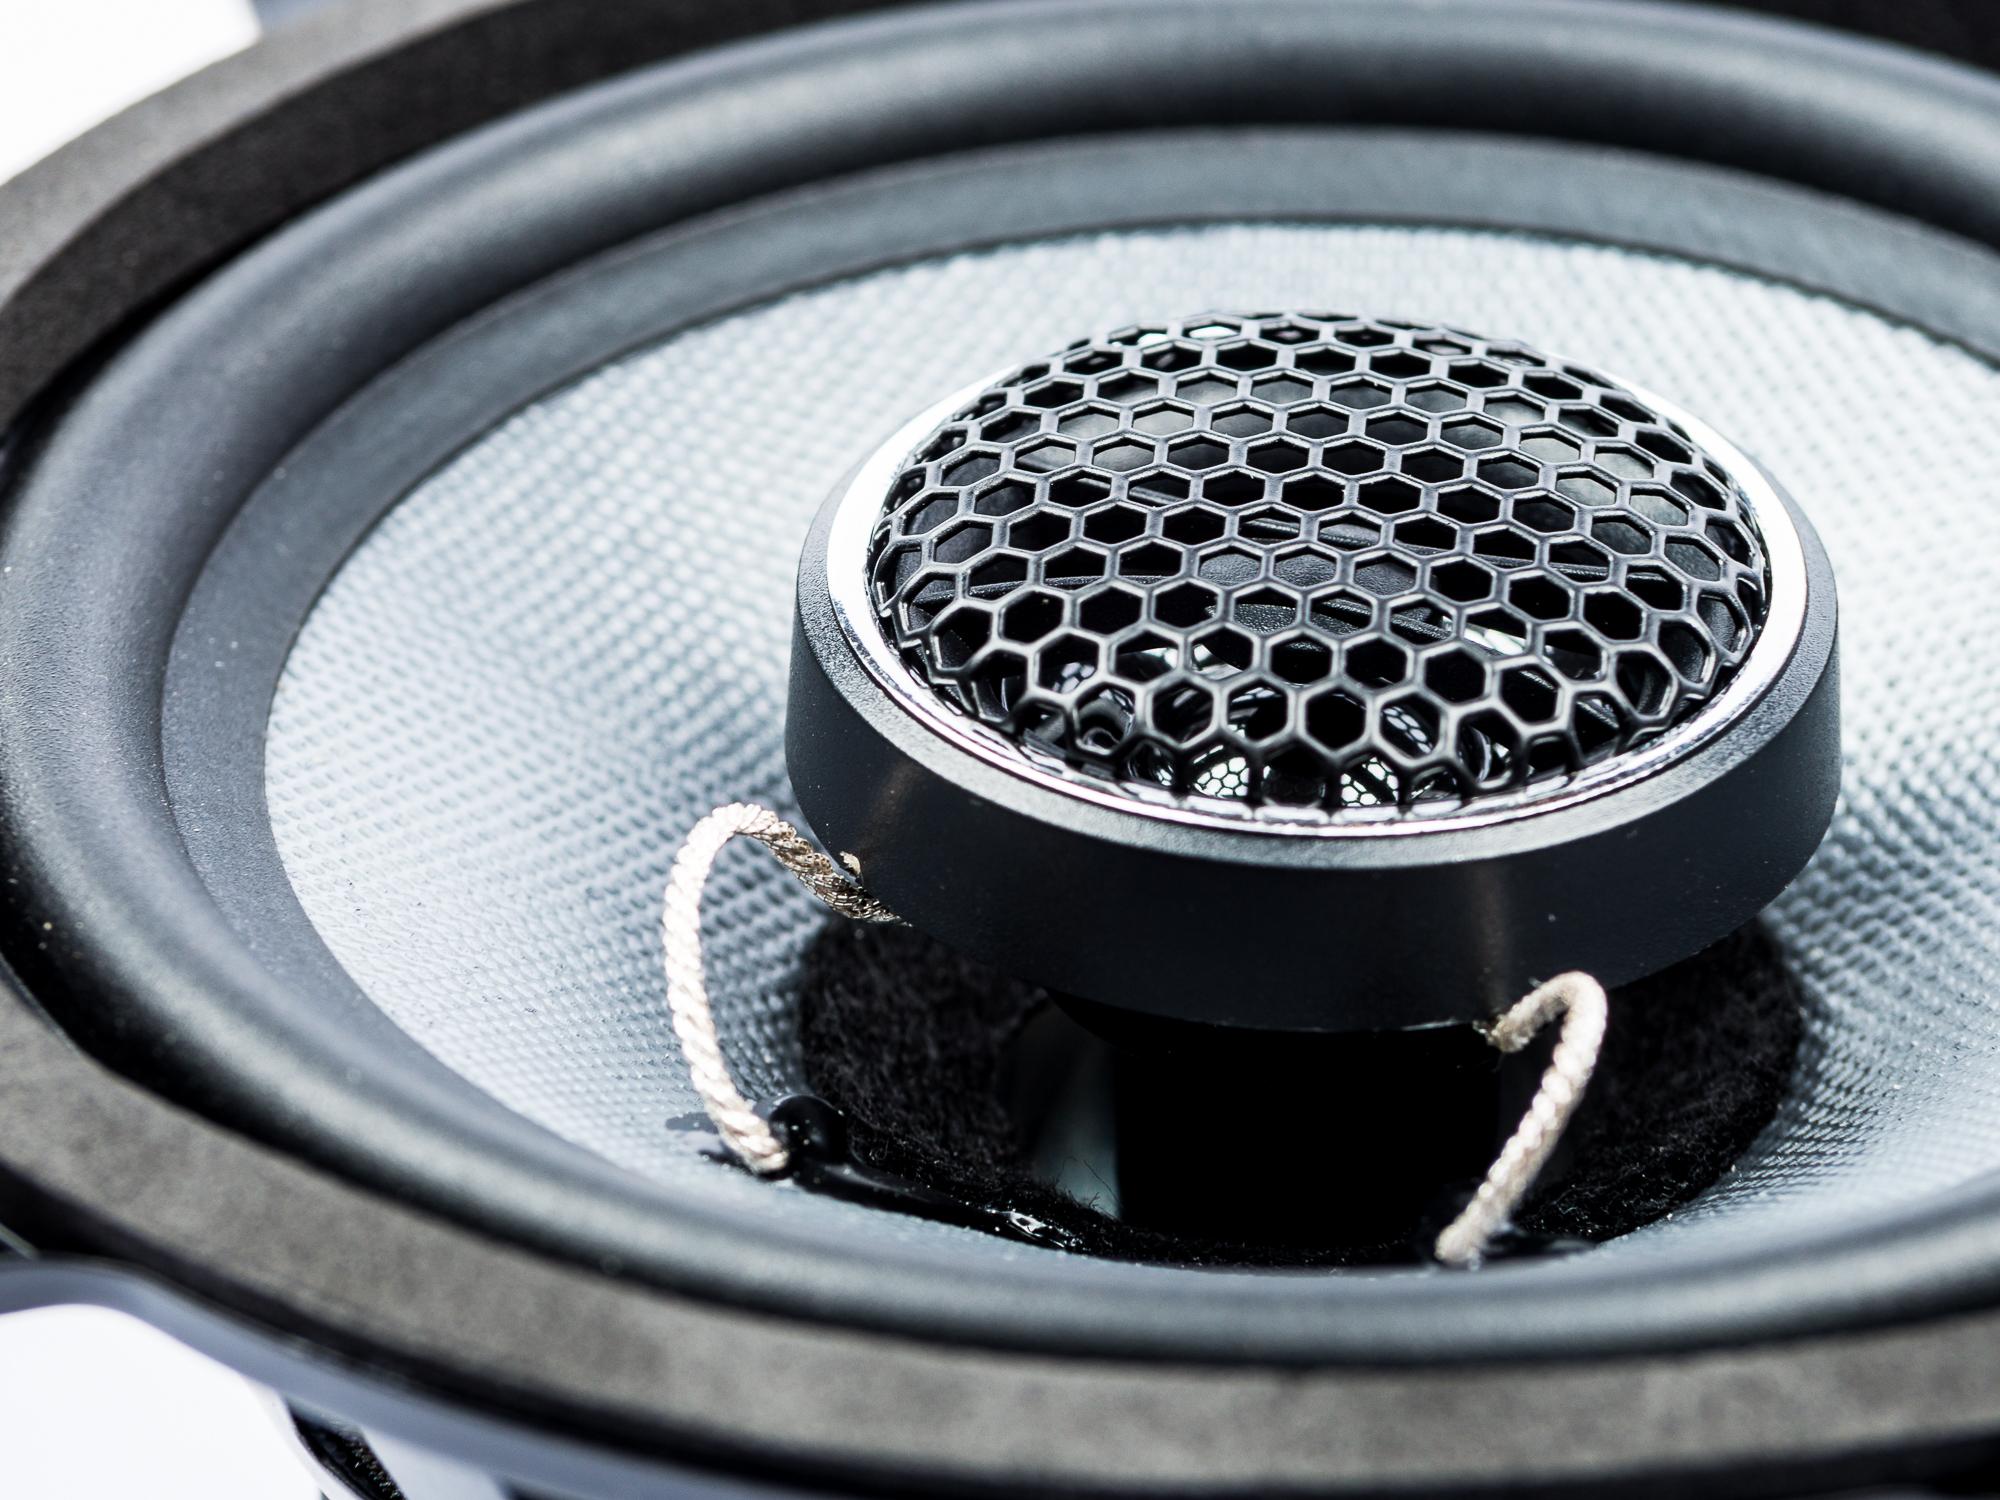 Mercedes Vito Sprinter Viano Lautsprecher Einbauset vorne – Bild 4